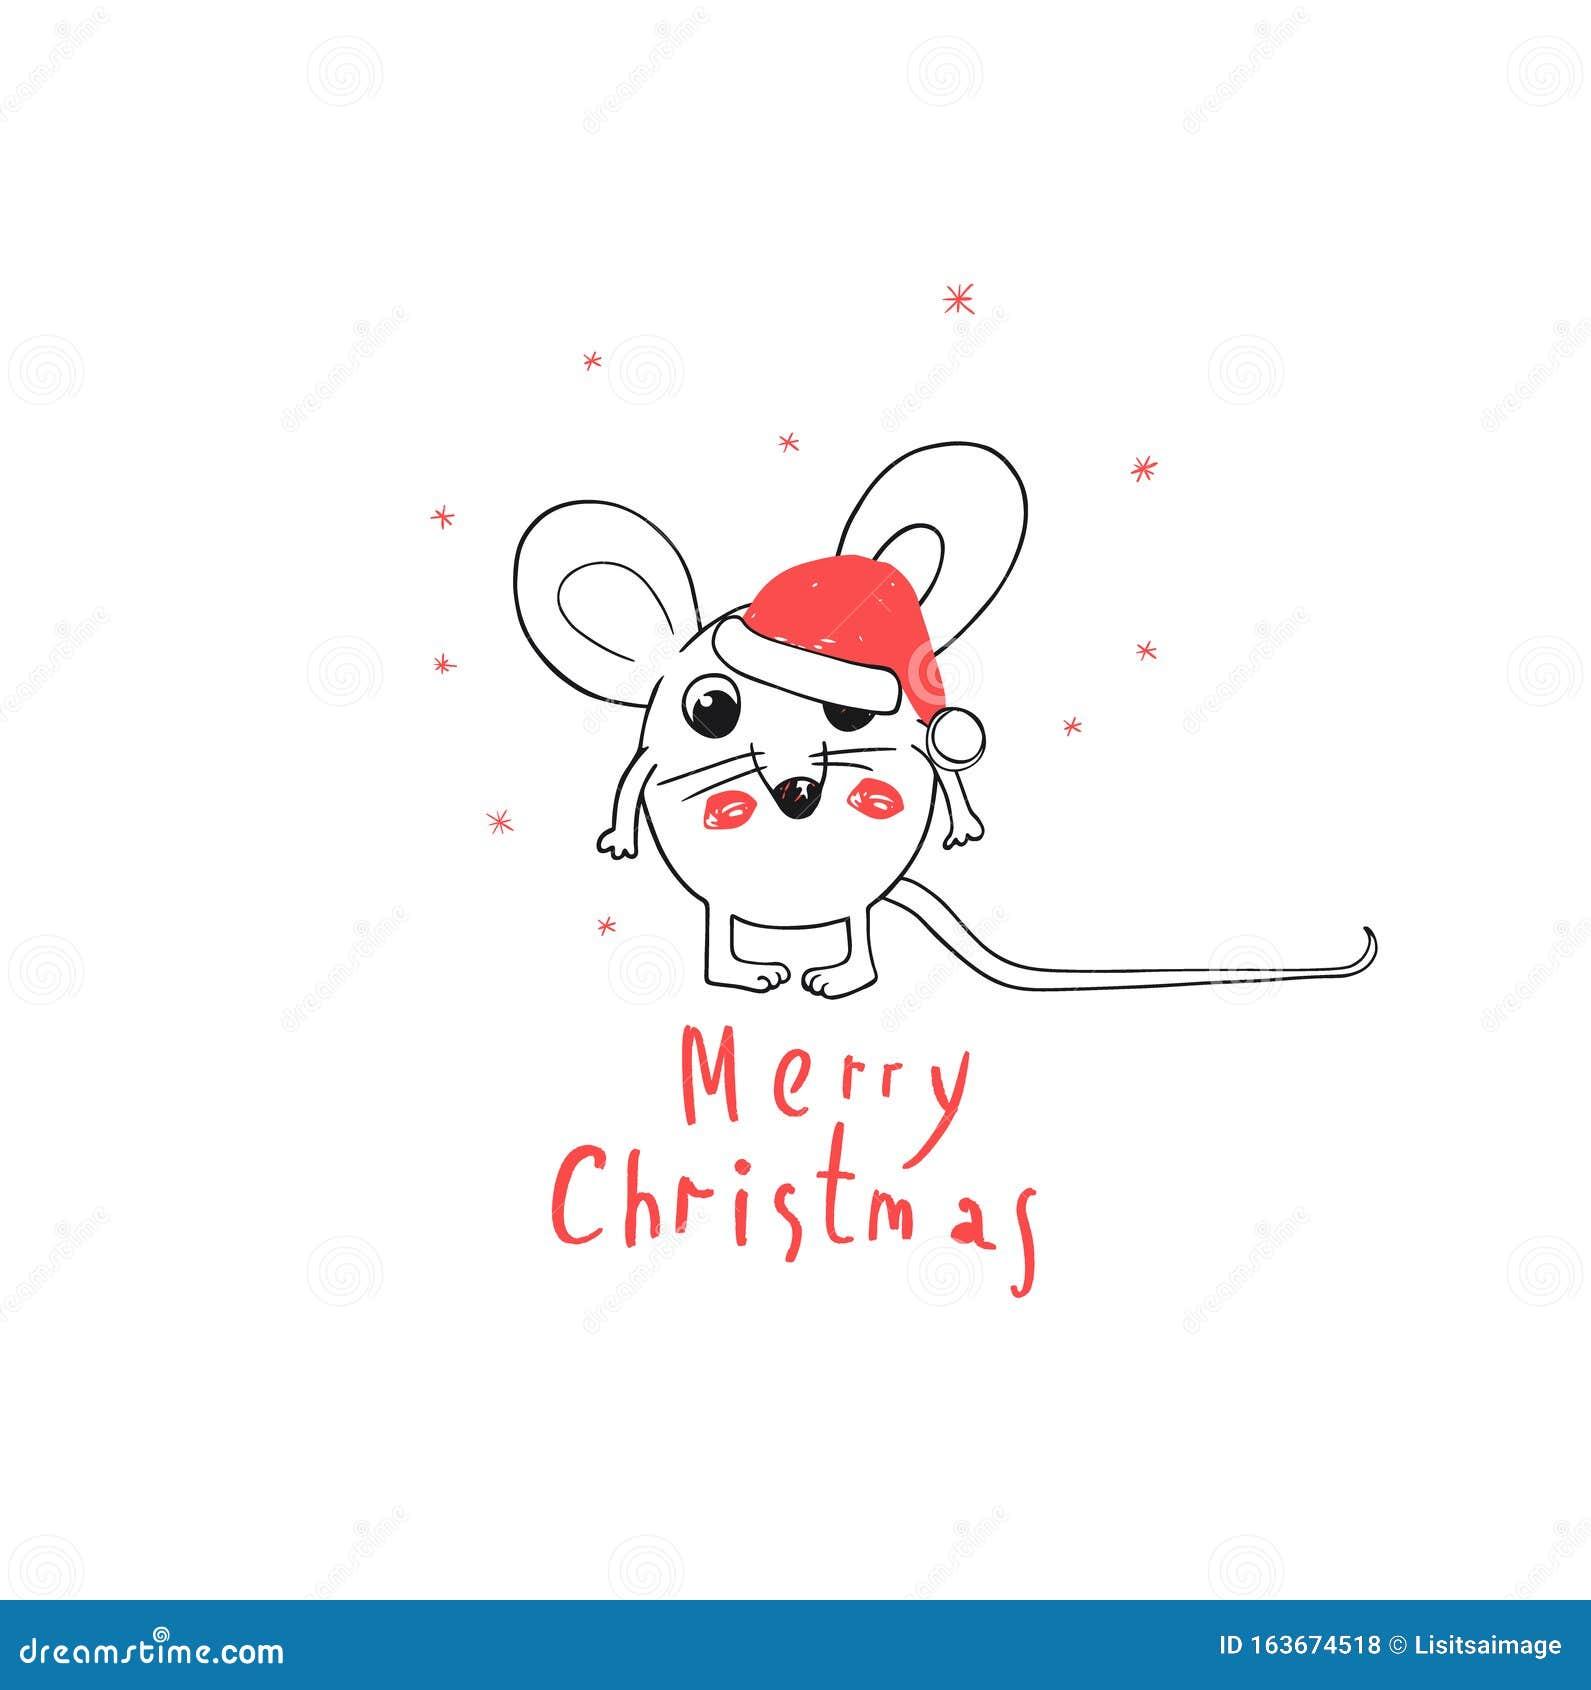 282 Scellé Joyeux Noël Carte de vœux souris Trou drôle Humerous